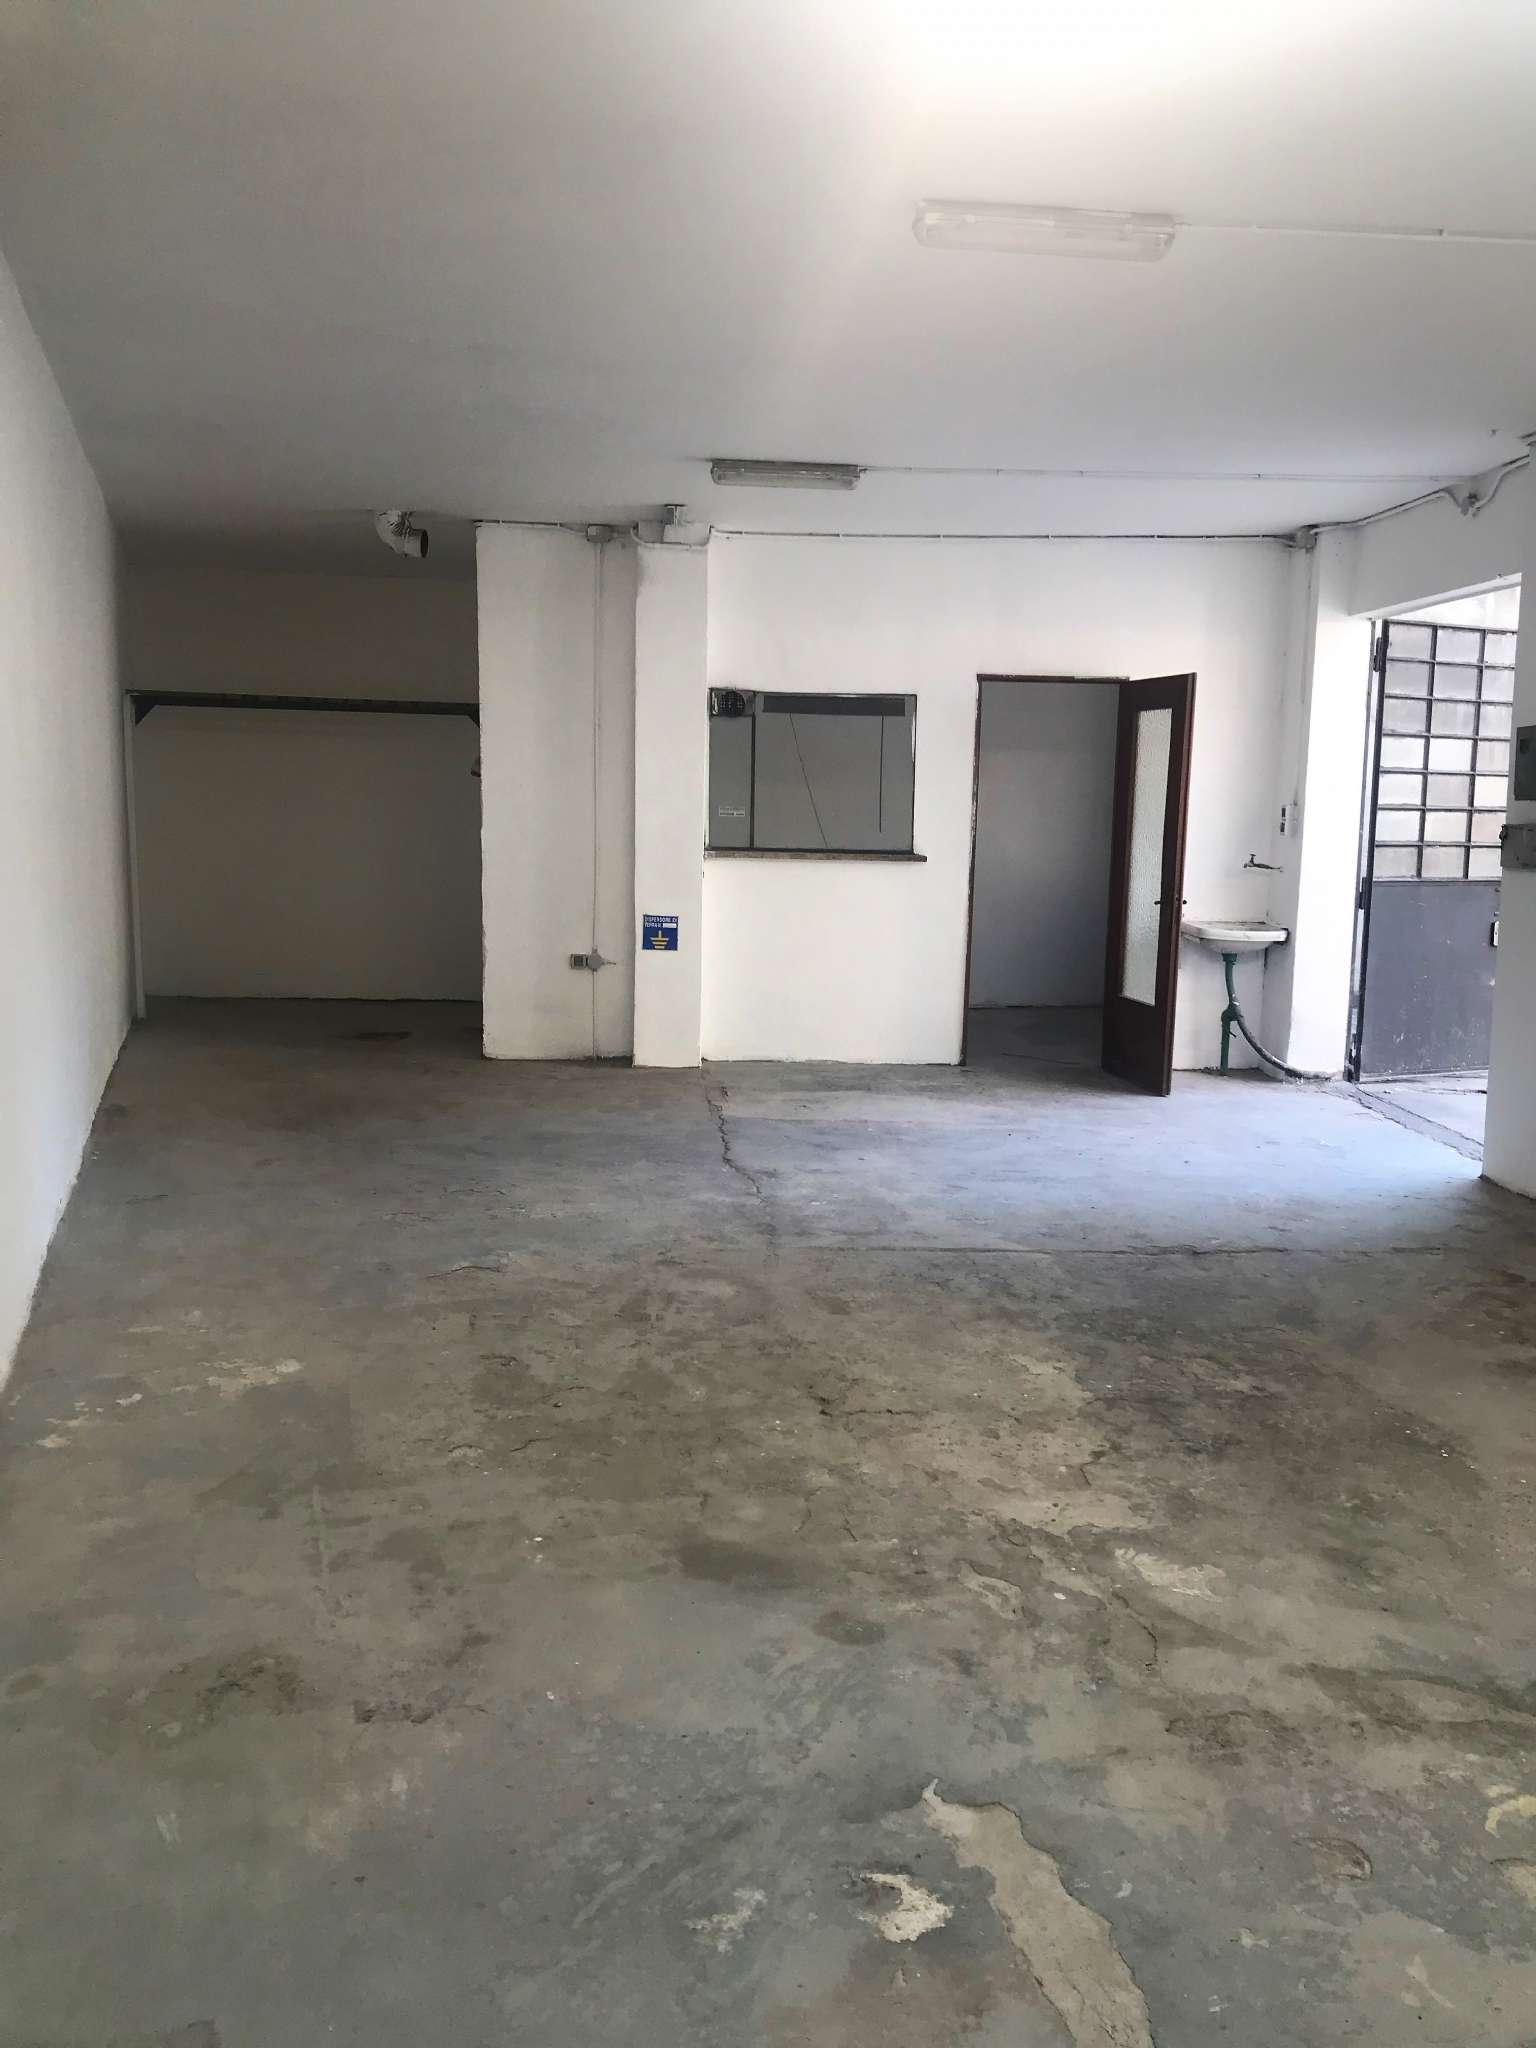 Magazzino/Laboratorio in affitto Zona Parella, Pozzo Strada - via VIA LA THUILE 7 Torino